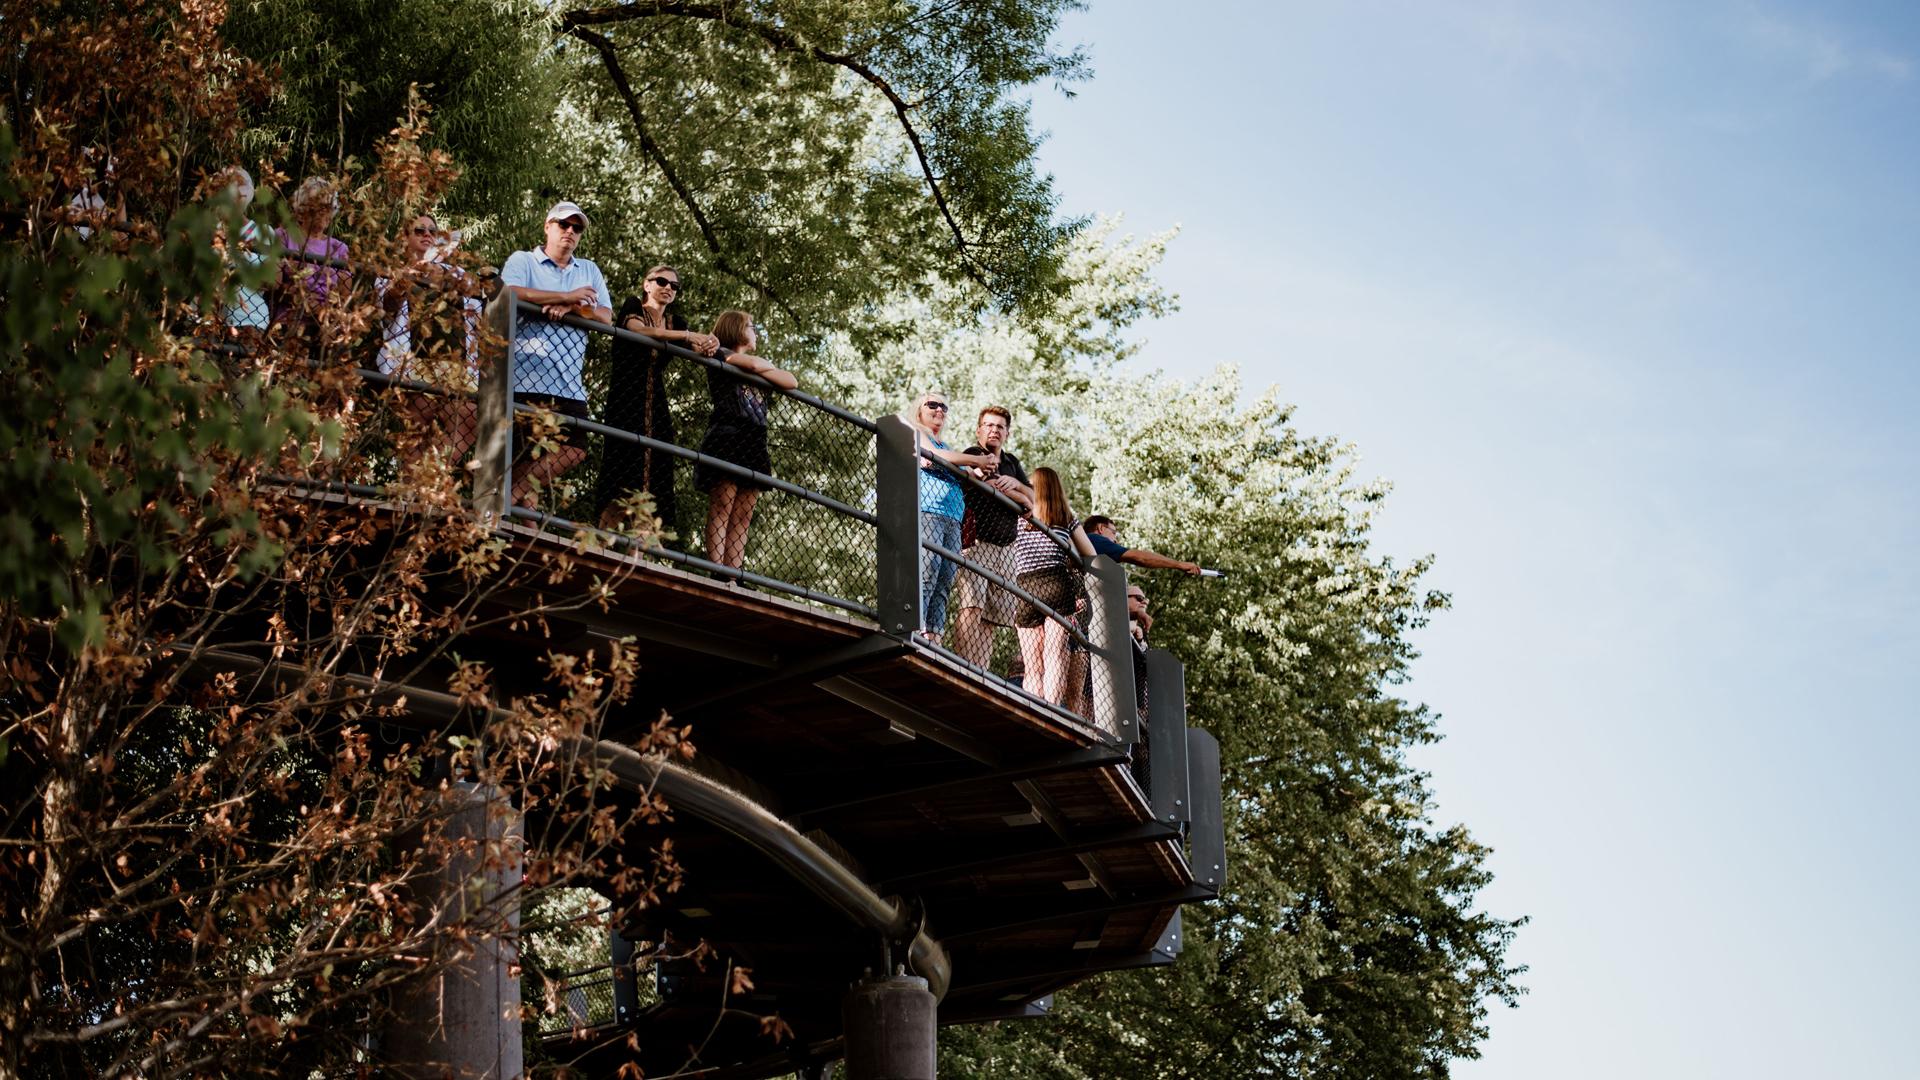 Promenade Park Tree Canopy Trail